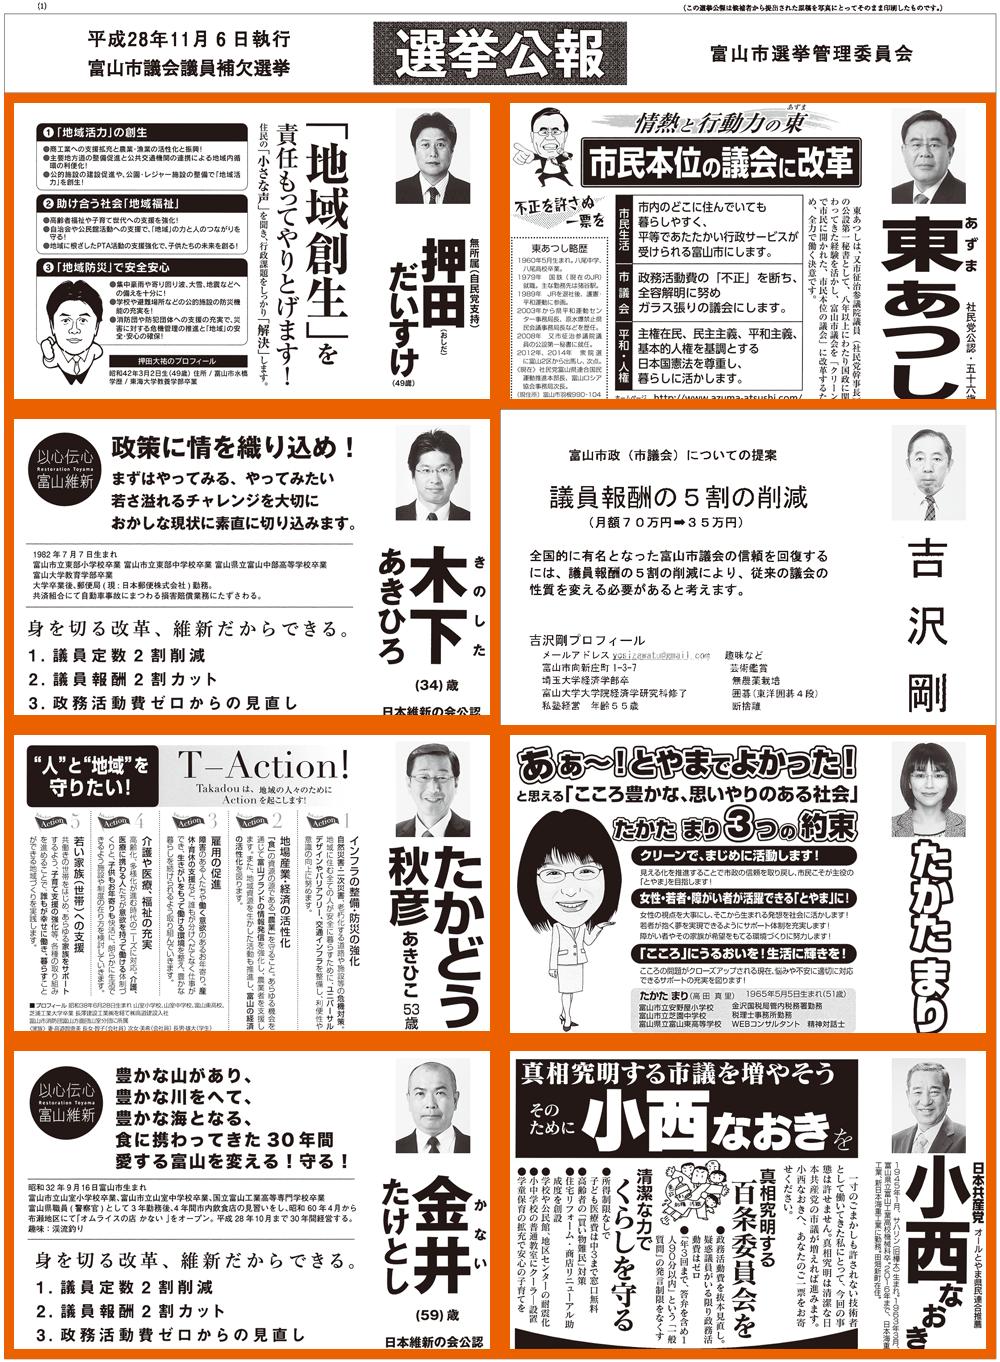 富山市議会議員補欠選挙2016当選者1